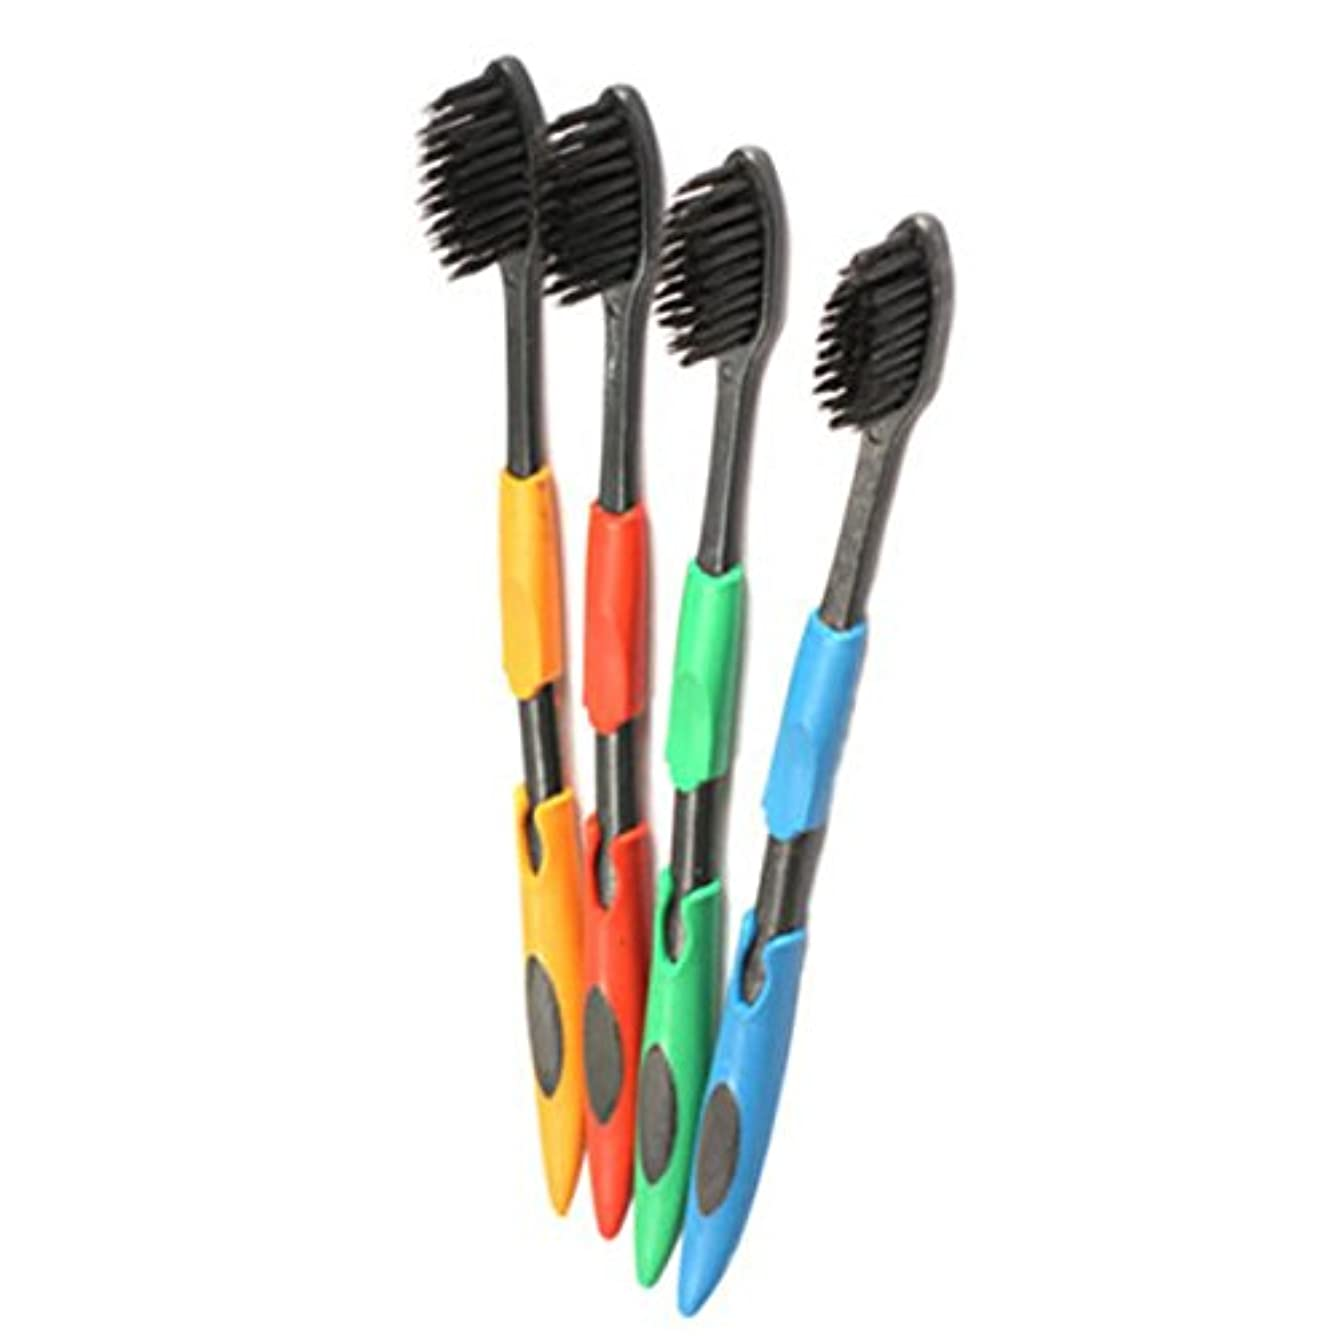 リブワンダー先Generic 4 pcs/set Double Ultra Soft Toothbrush Bamboo Charcoal Nano Brush Oral Dental Care Set Travel Supplies